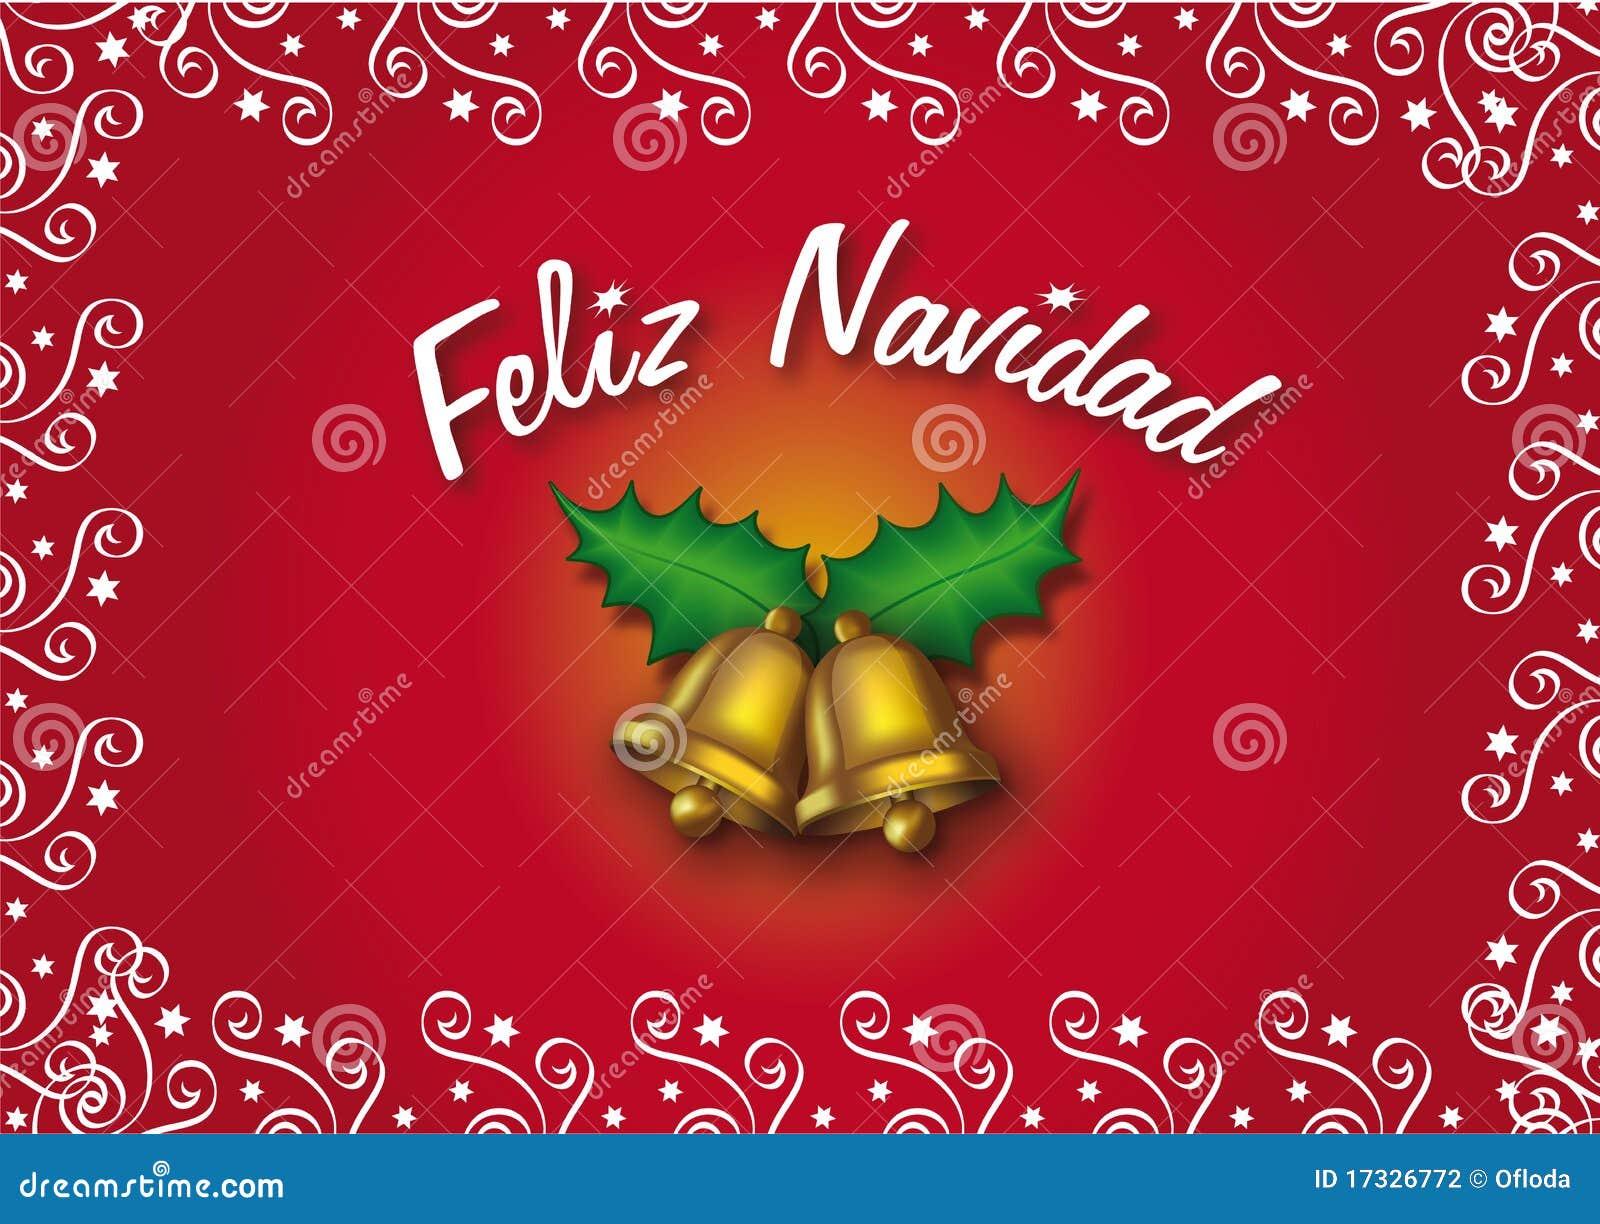 Feliz Navidad Stock Photography - Image: 17326772